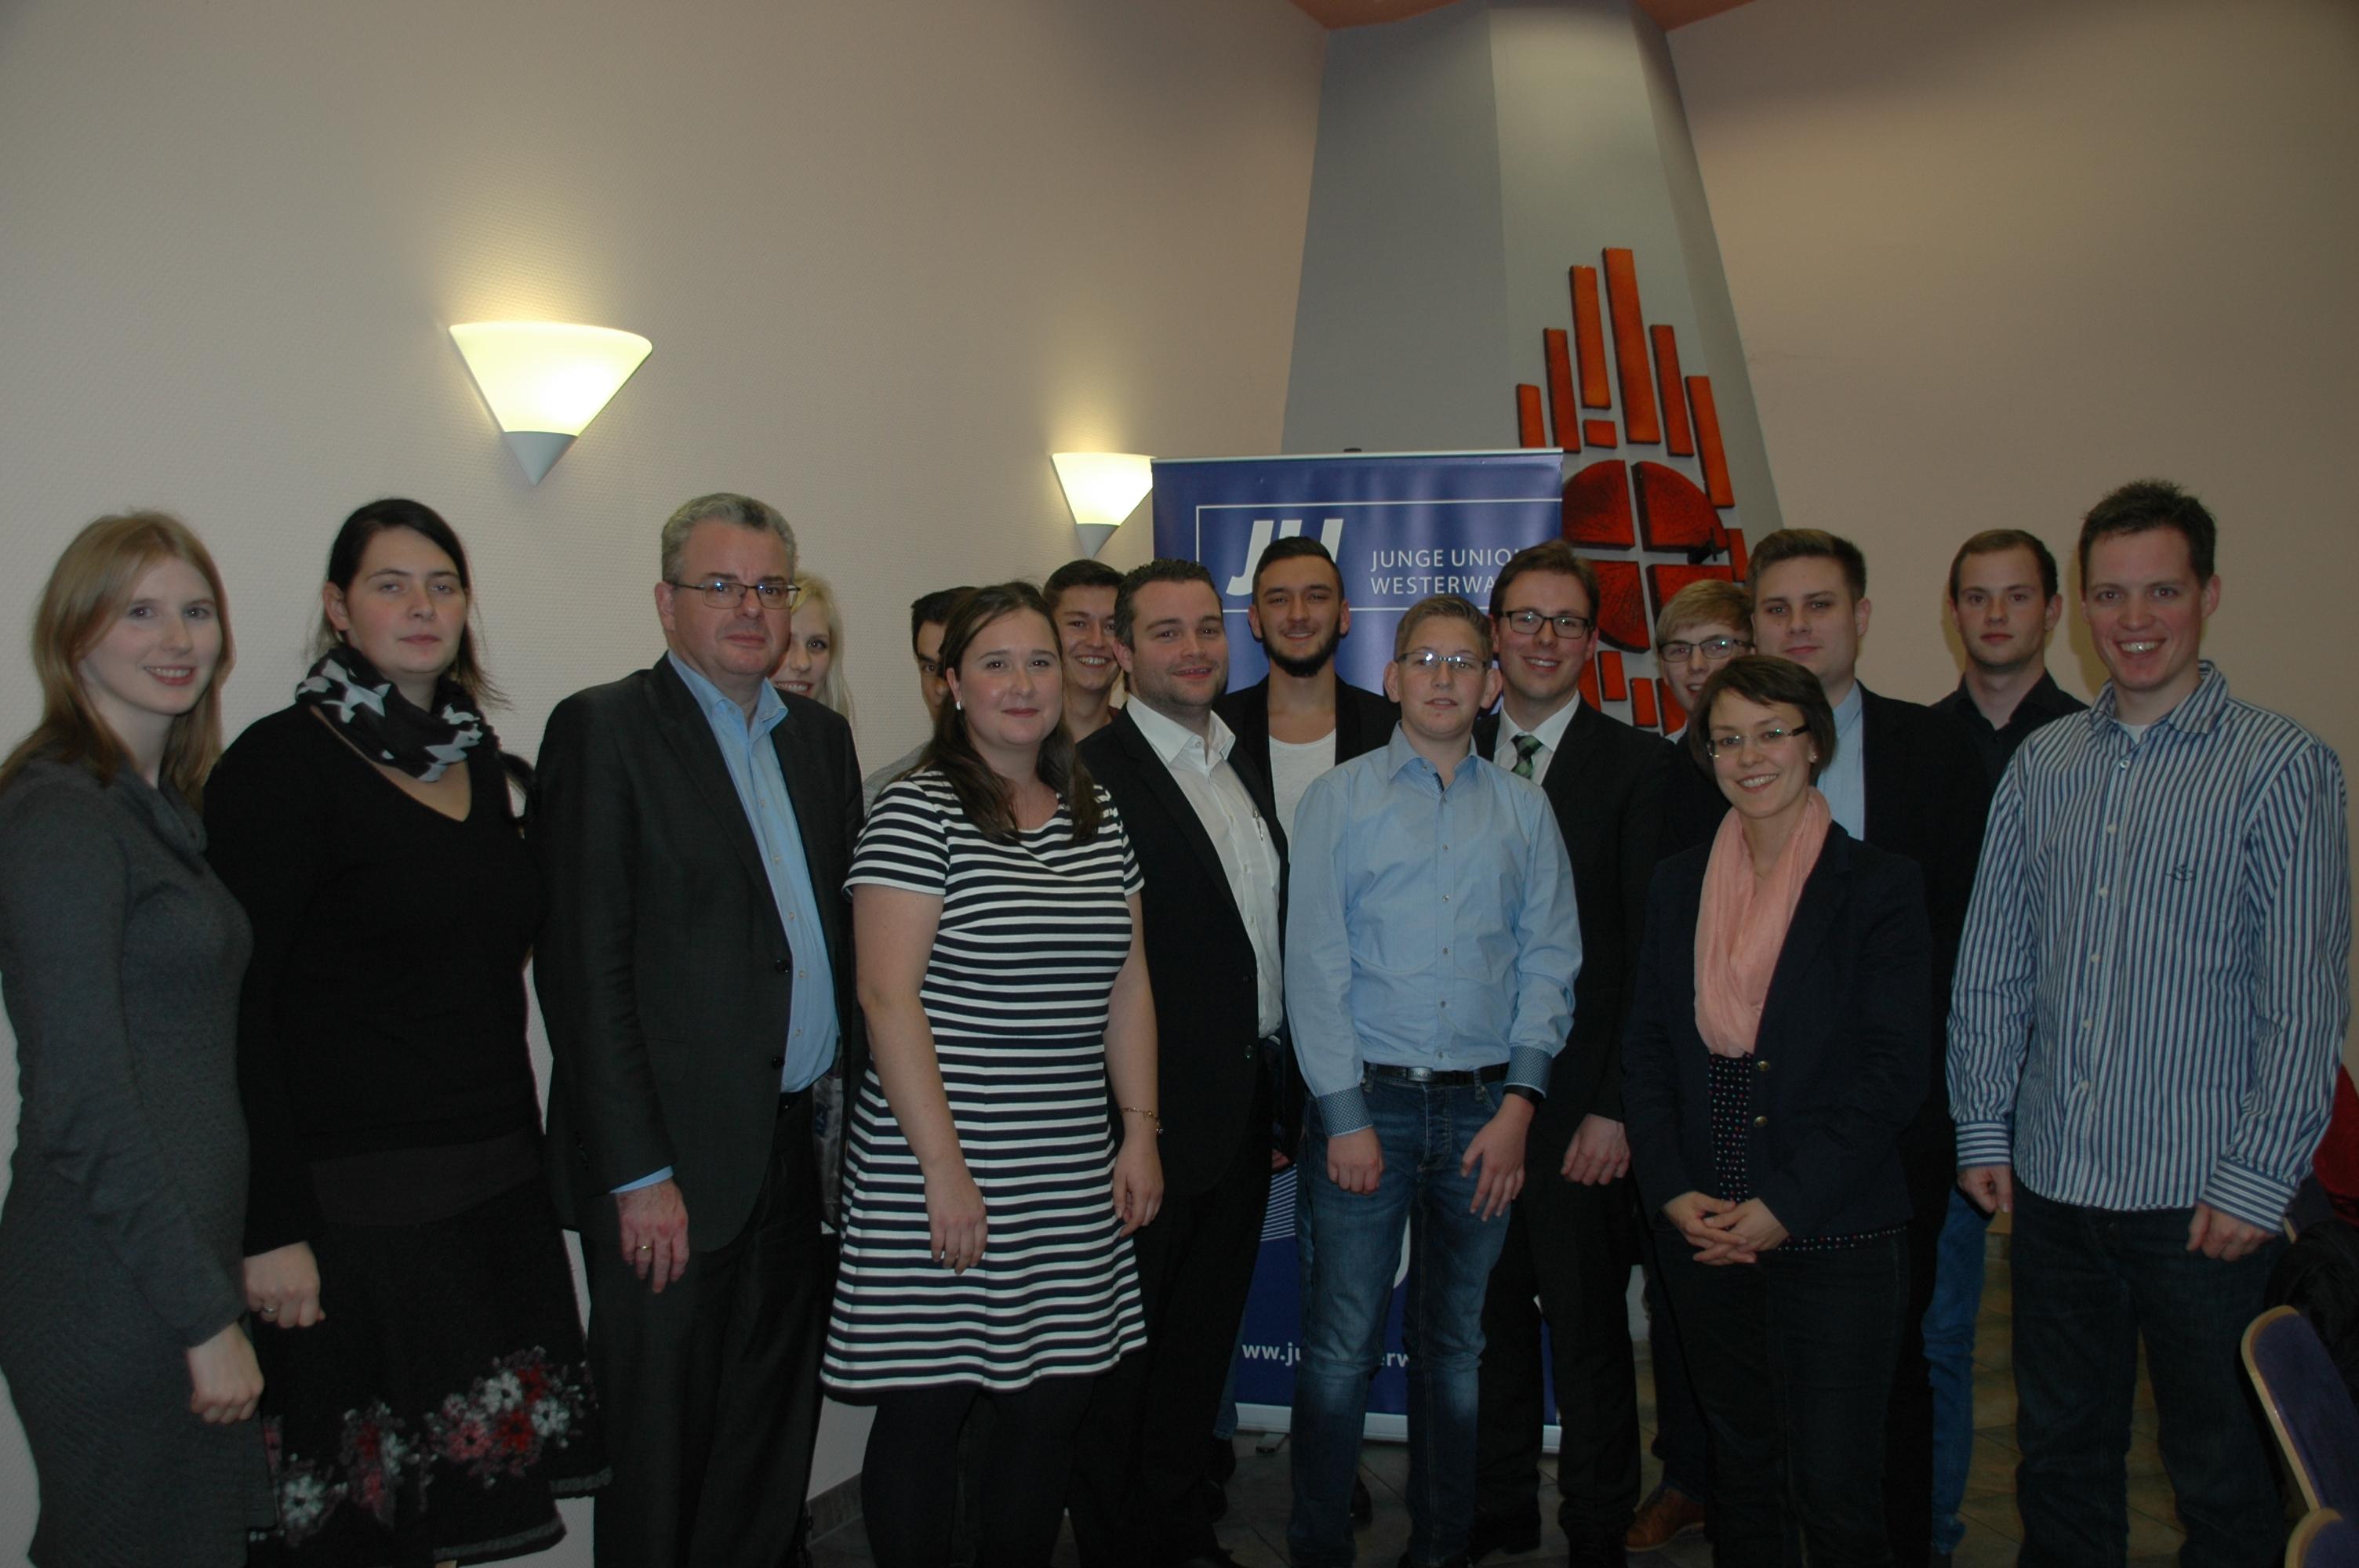 Kreistag der JU Westerwald 2017